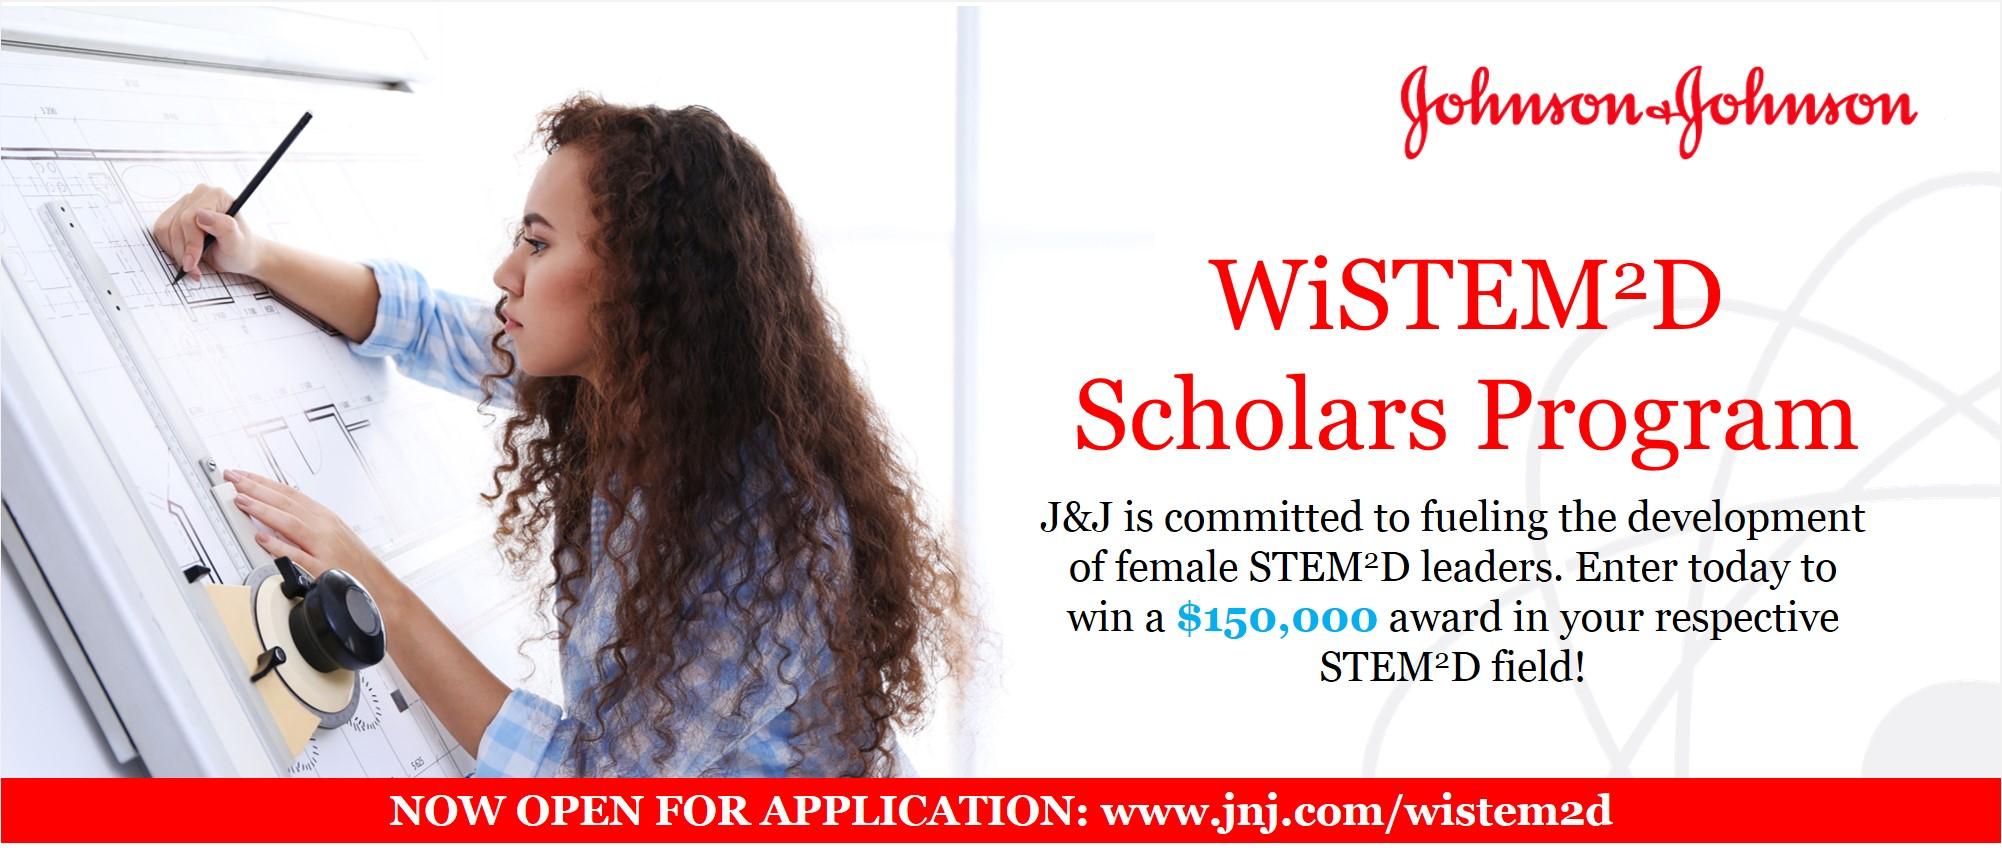 Johnson & Johnson Women in STEM²D Scholars Program 2018 (Worth $150,000)